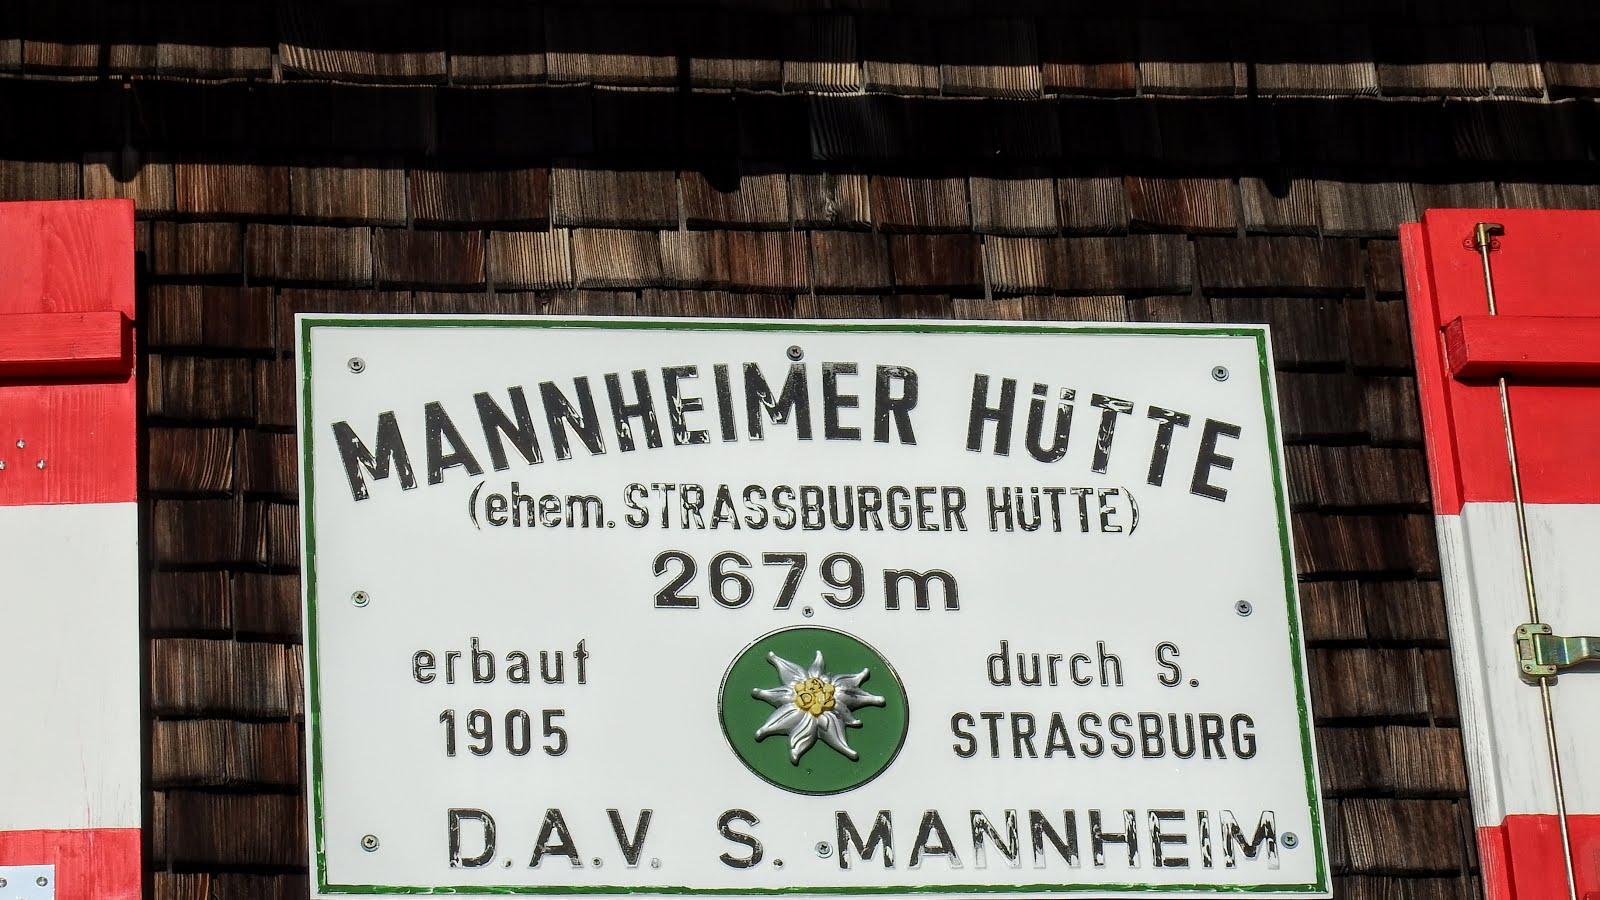 Mannheimerhutte